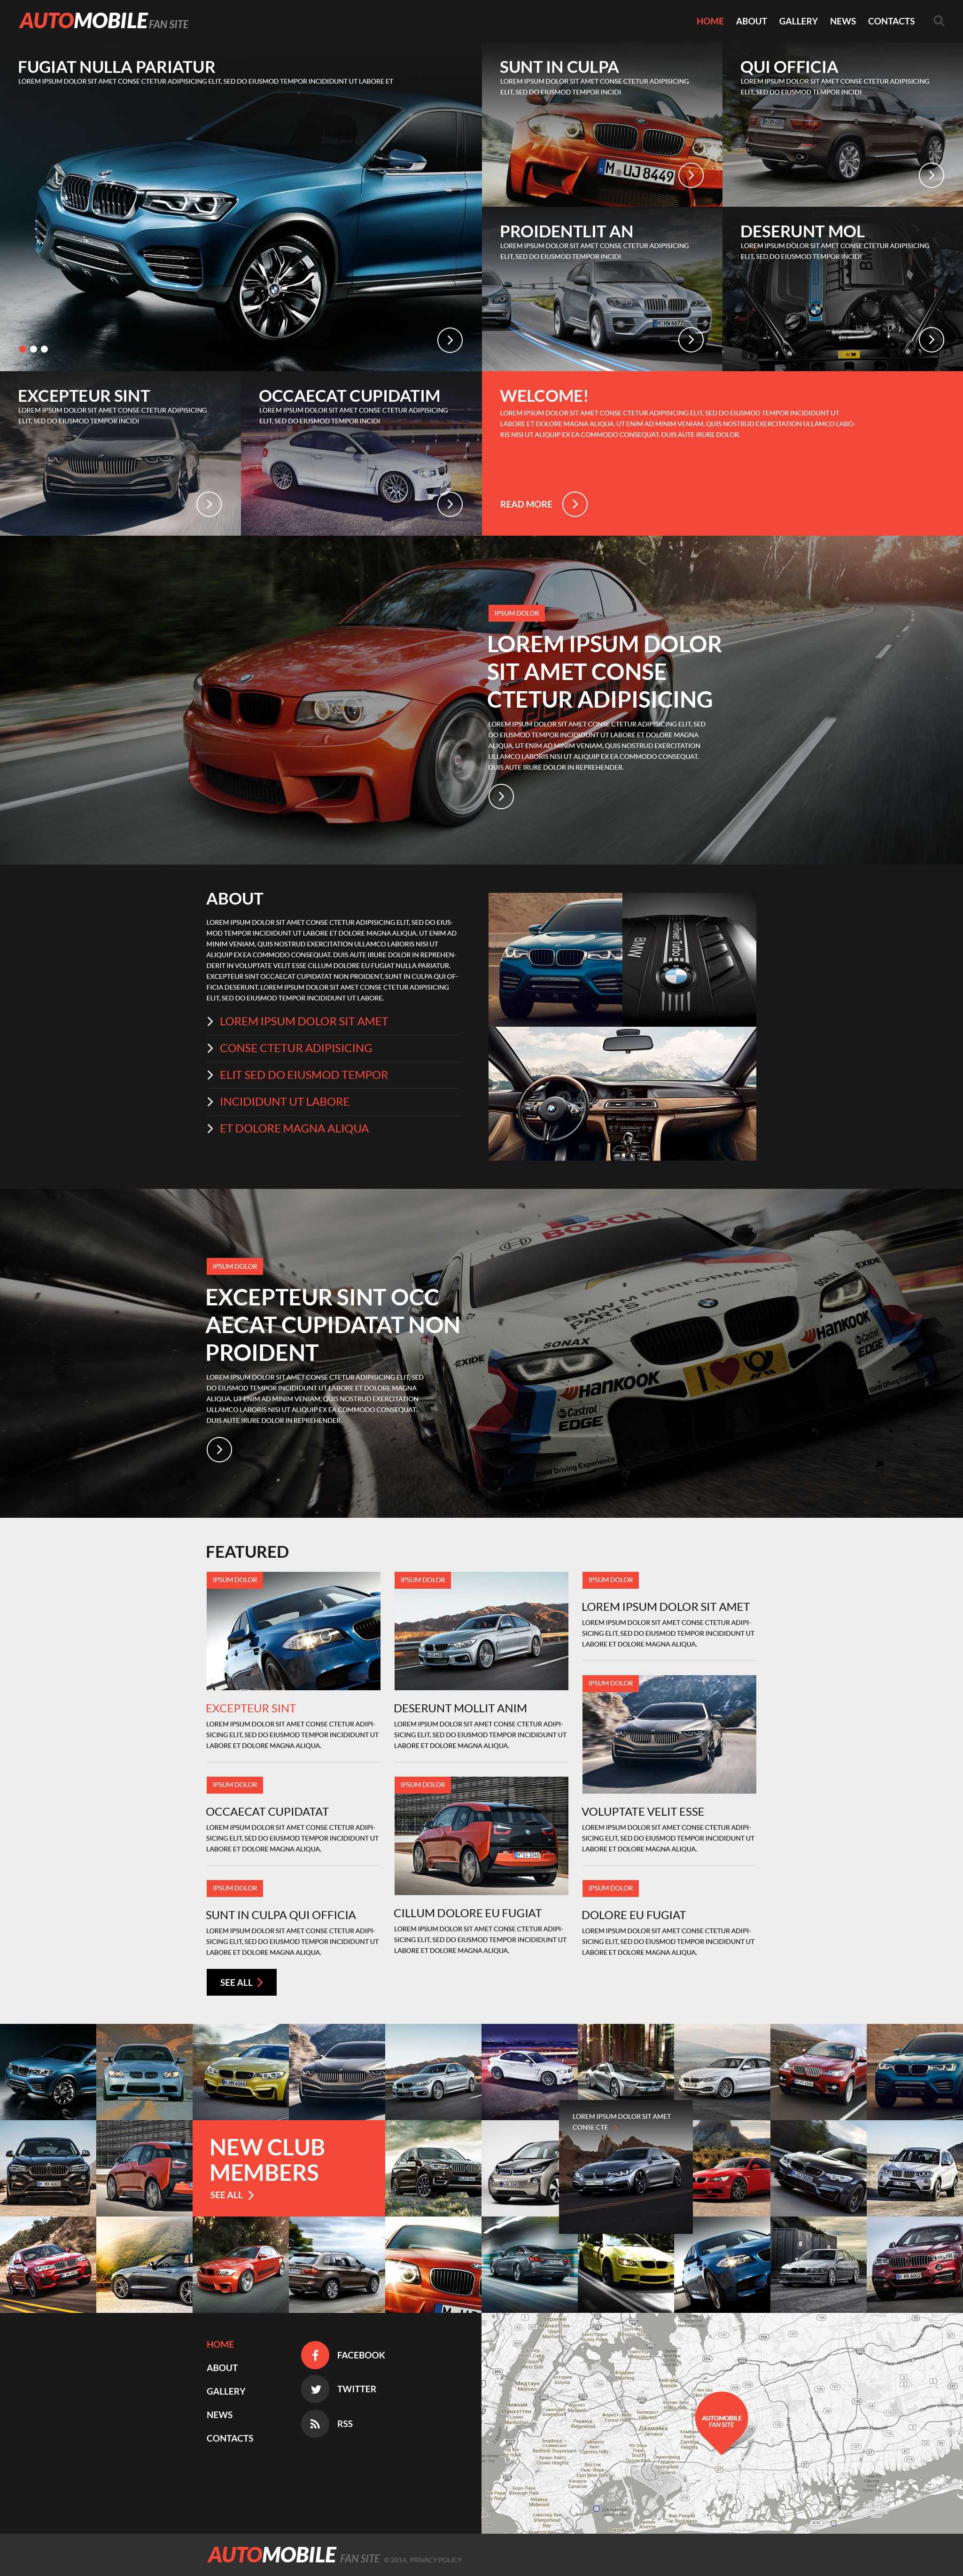 Responsywny szablon strony www Automobile Fan Site #52711